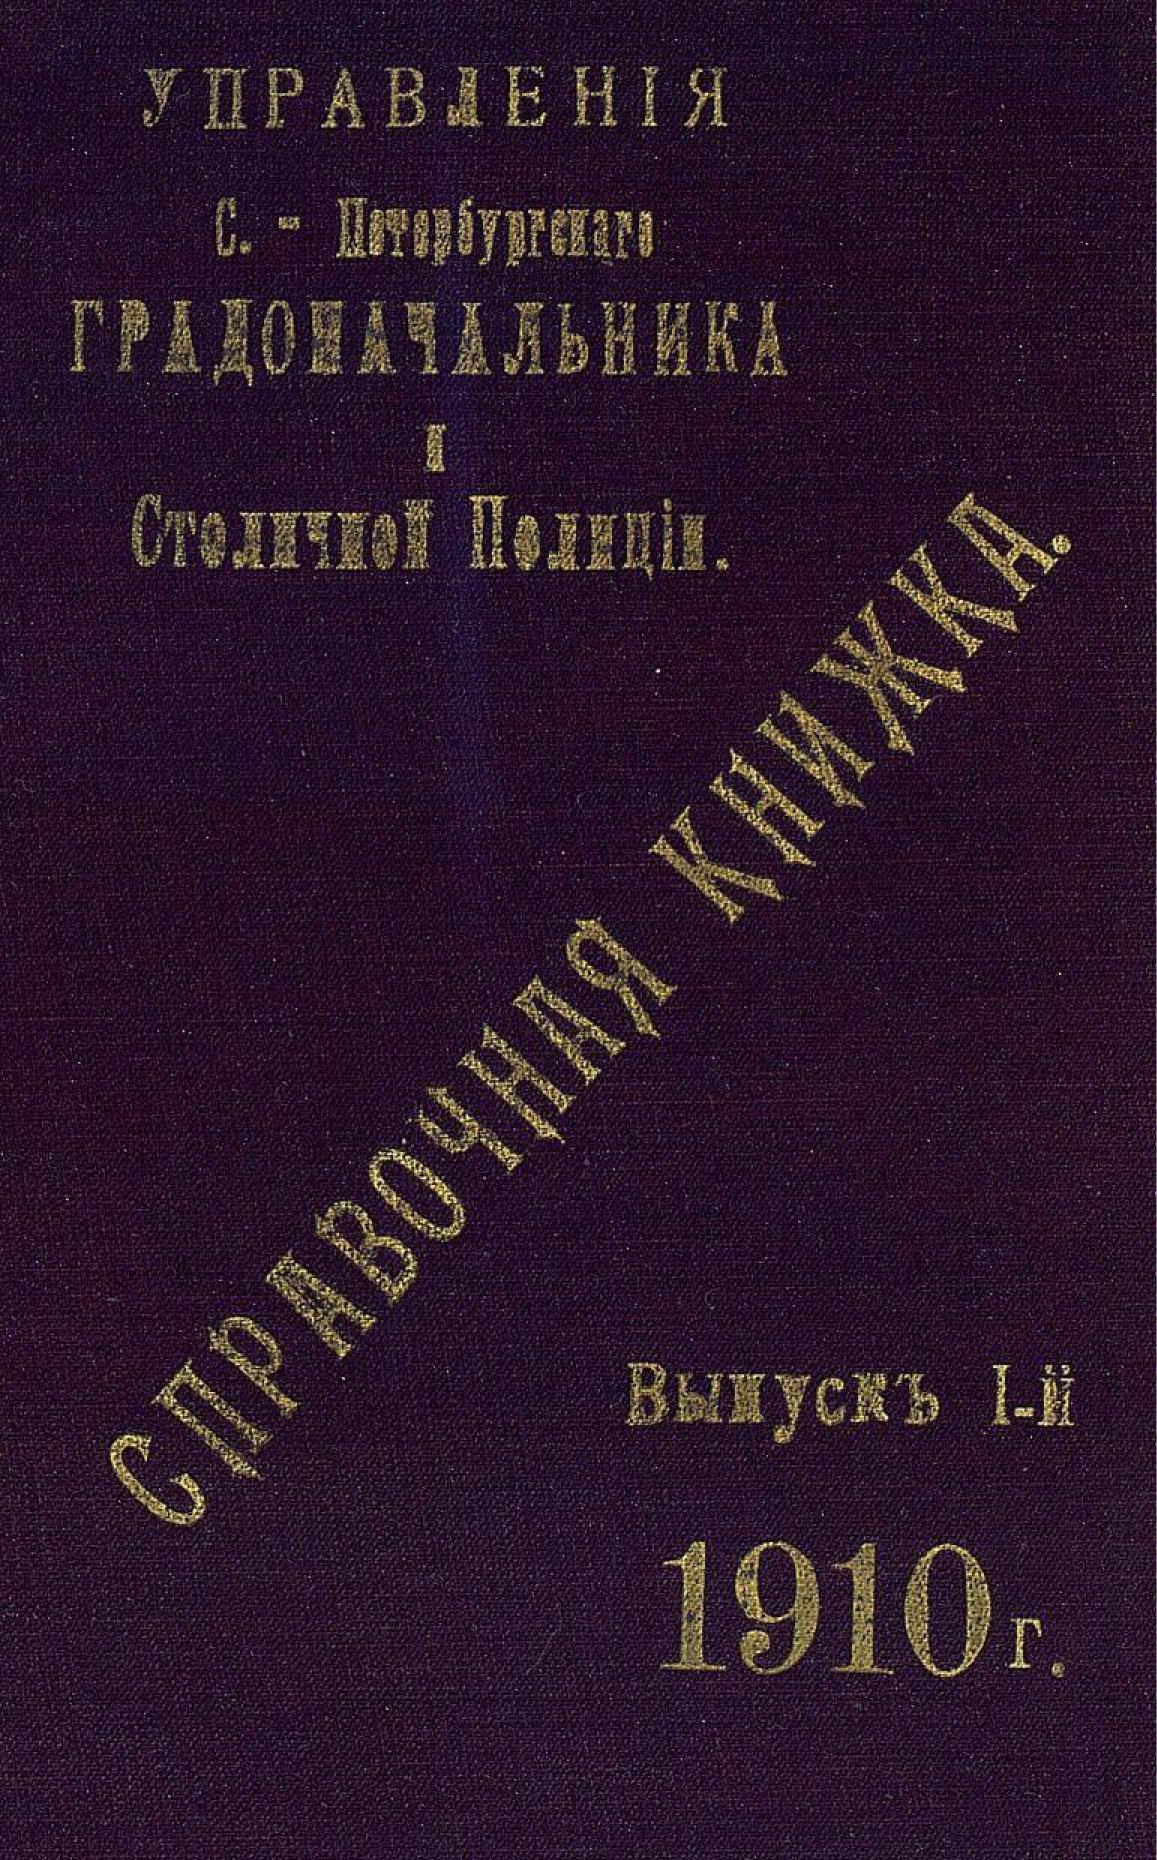 Справочная книжка С.-Петербургского градоначальства и городской полиции. Выпуск 1, 1910 г.